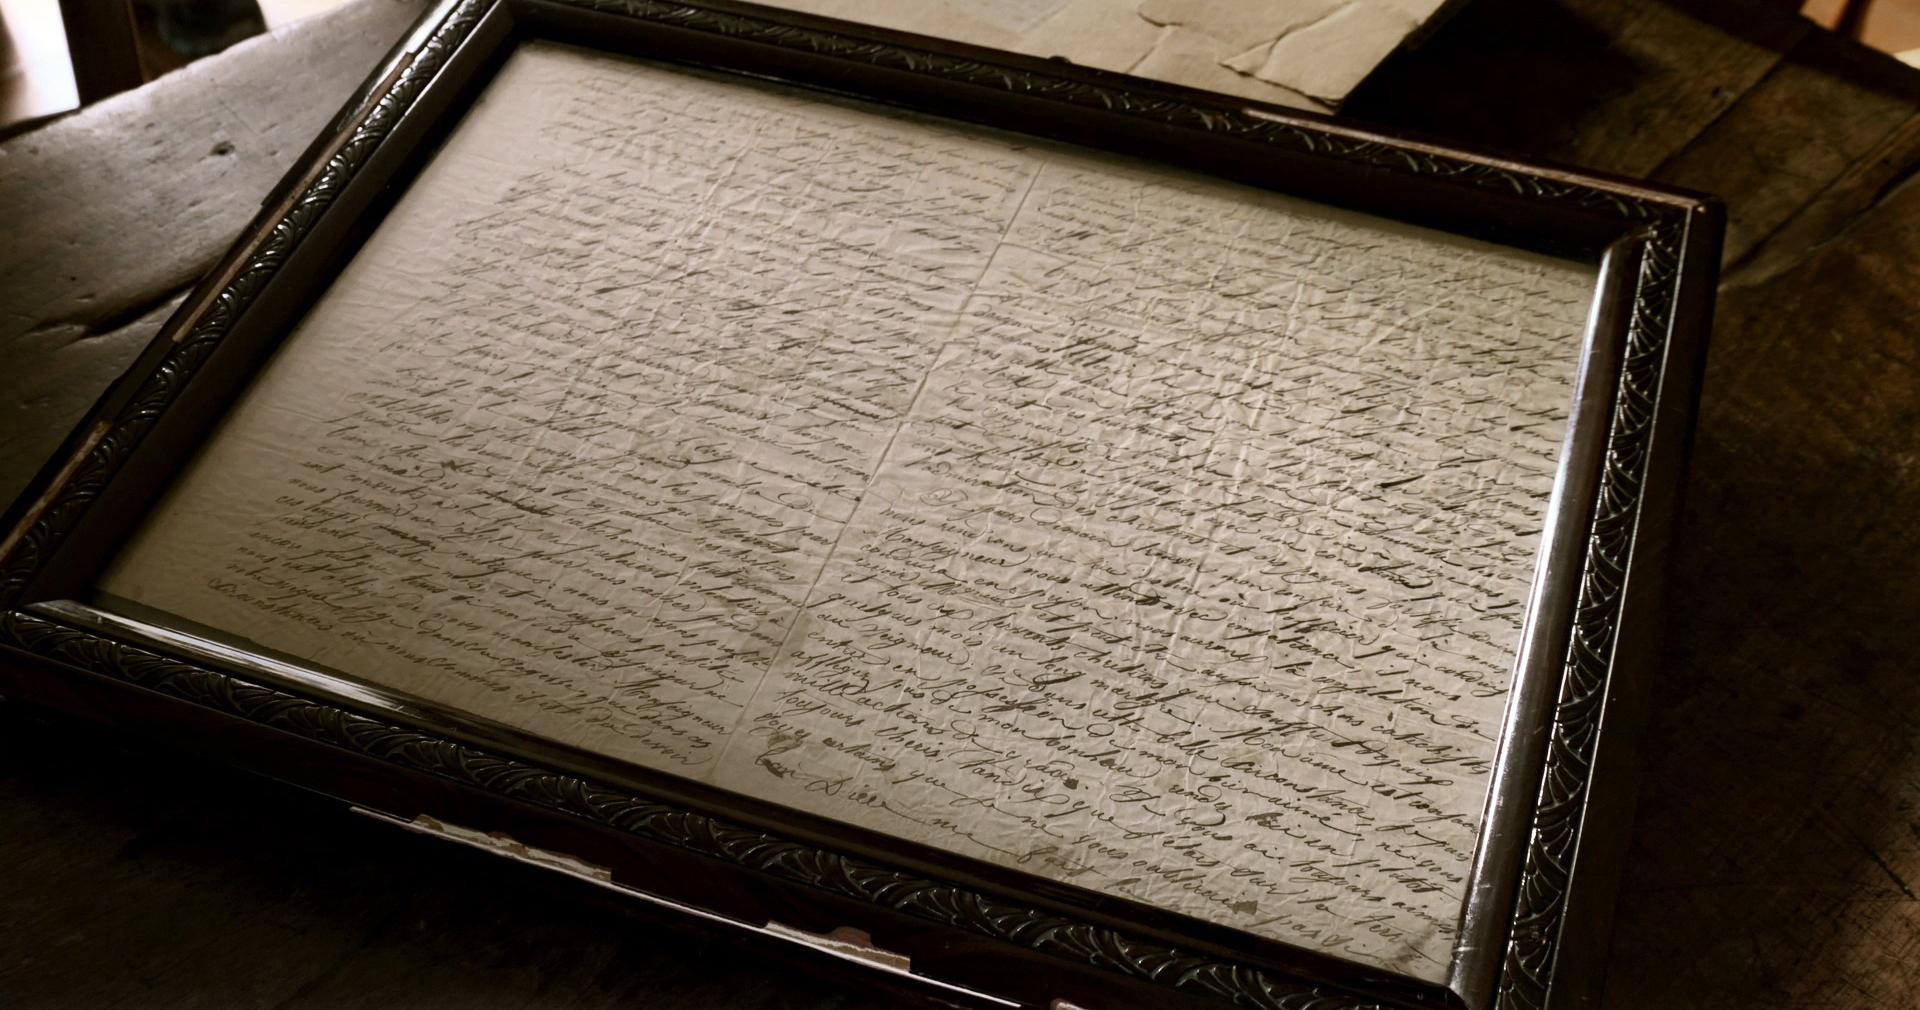 샤스탕 신부가 순교 직전 가족들에게 보낸 편지.  만 24세에 신부가 된 샤스탕은 조선 선교사가 되기를 자청하고 1833년 조선으로 길을 떠나 1837년 김대건 신부와 조선에 입국하였다.  1839년 박해가 일어나자 앵베르 주교는 샤스탕 신부에게중국으로 피신할 것을 권했으나 샤스탕 신부는 남아 사역을 계속하였다.박해가 심해지자 신부는자수하여 1839년 9월 21일 새남터에서 군문효수형을 받아 순교하였다.  (1839,파리 외방전교회 고문서고)